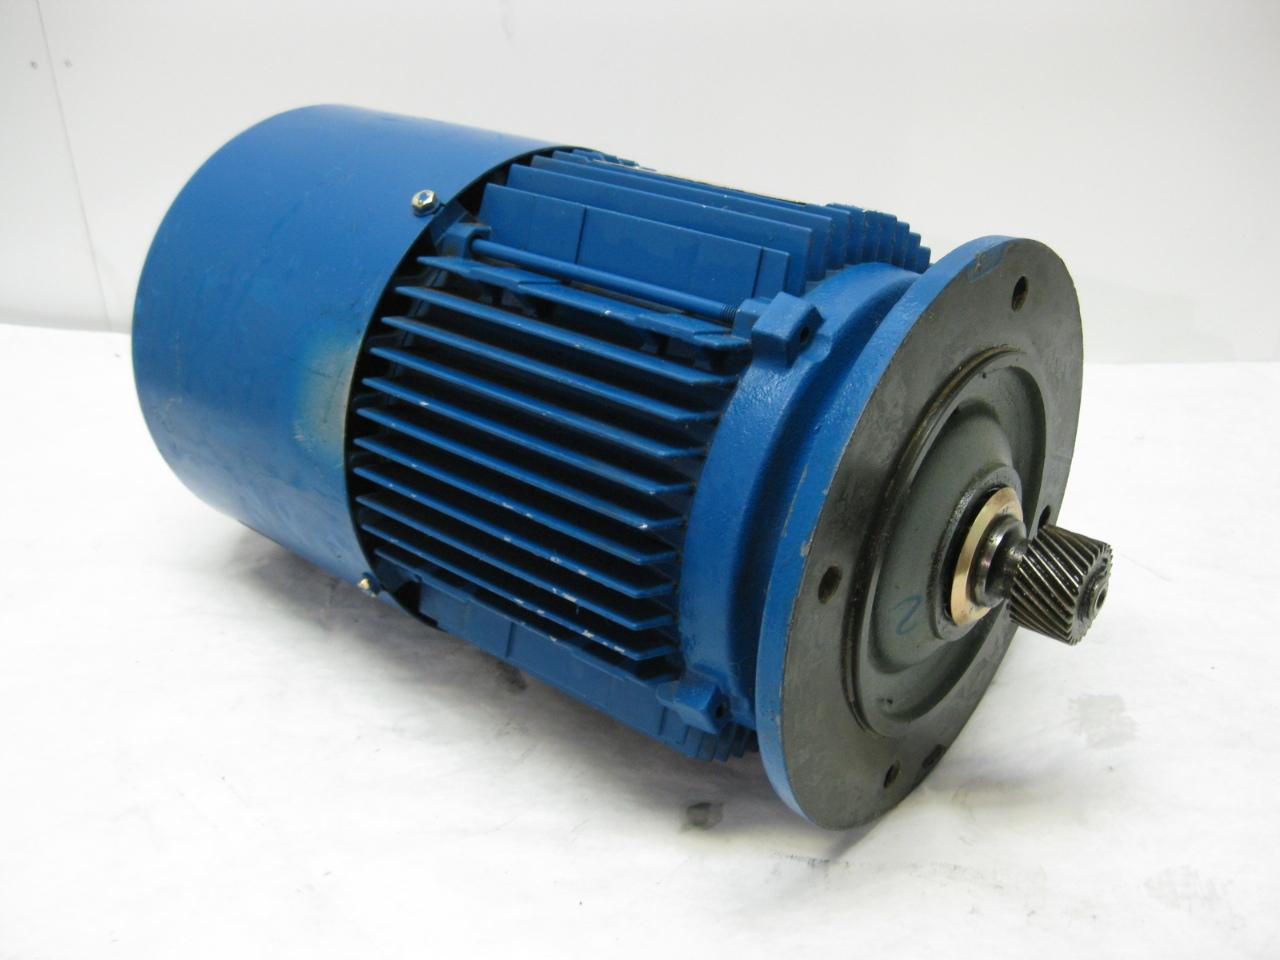 Sew Eurodrive S77 Dt80k4 Motor 1 5 Hp 1700 Rpm 266 460v Ebay